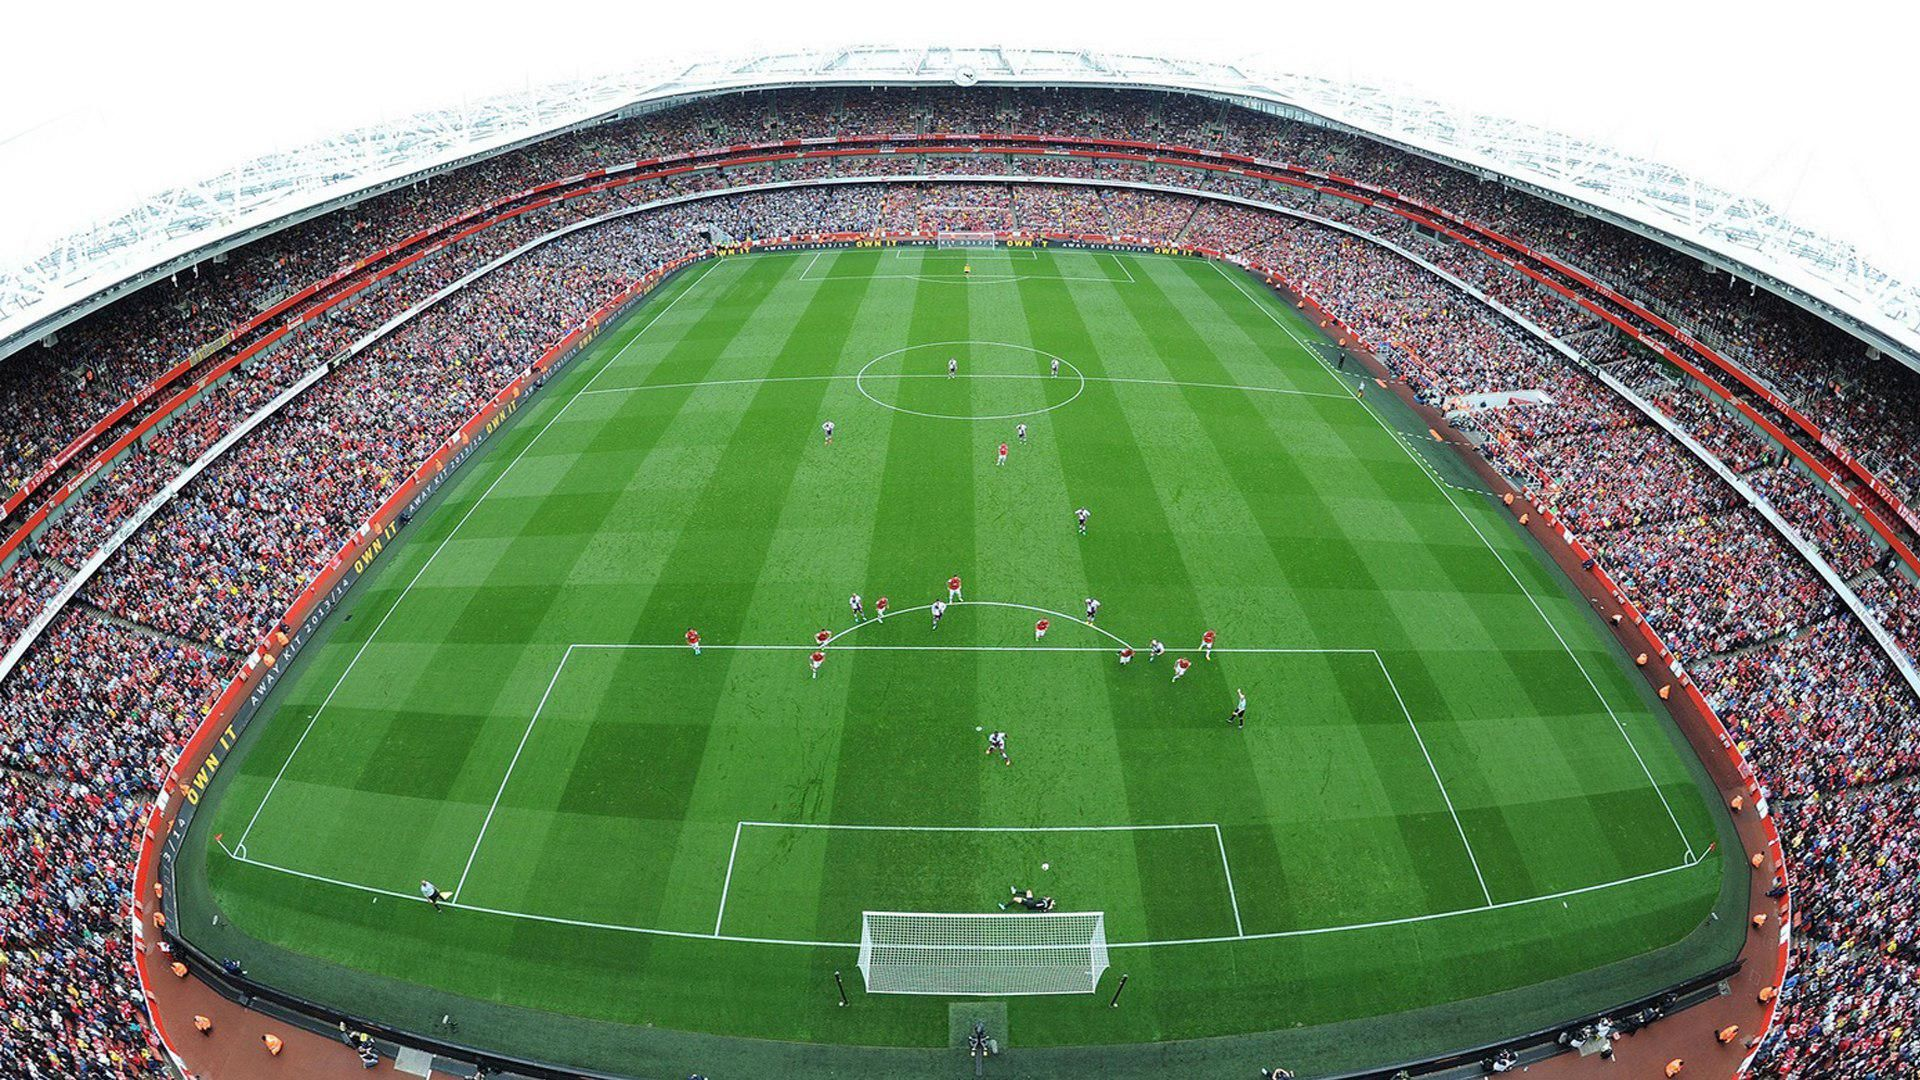 Emirates Stadium download nice wallpaper